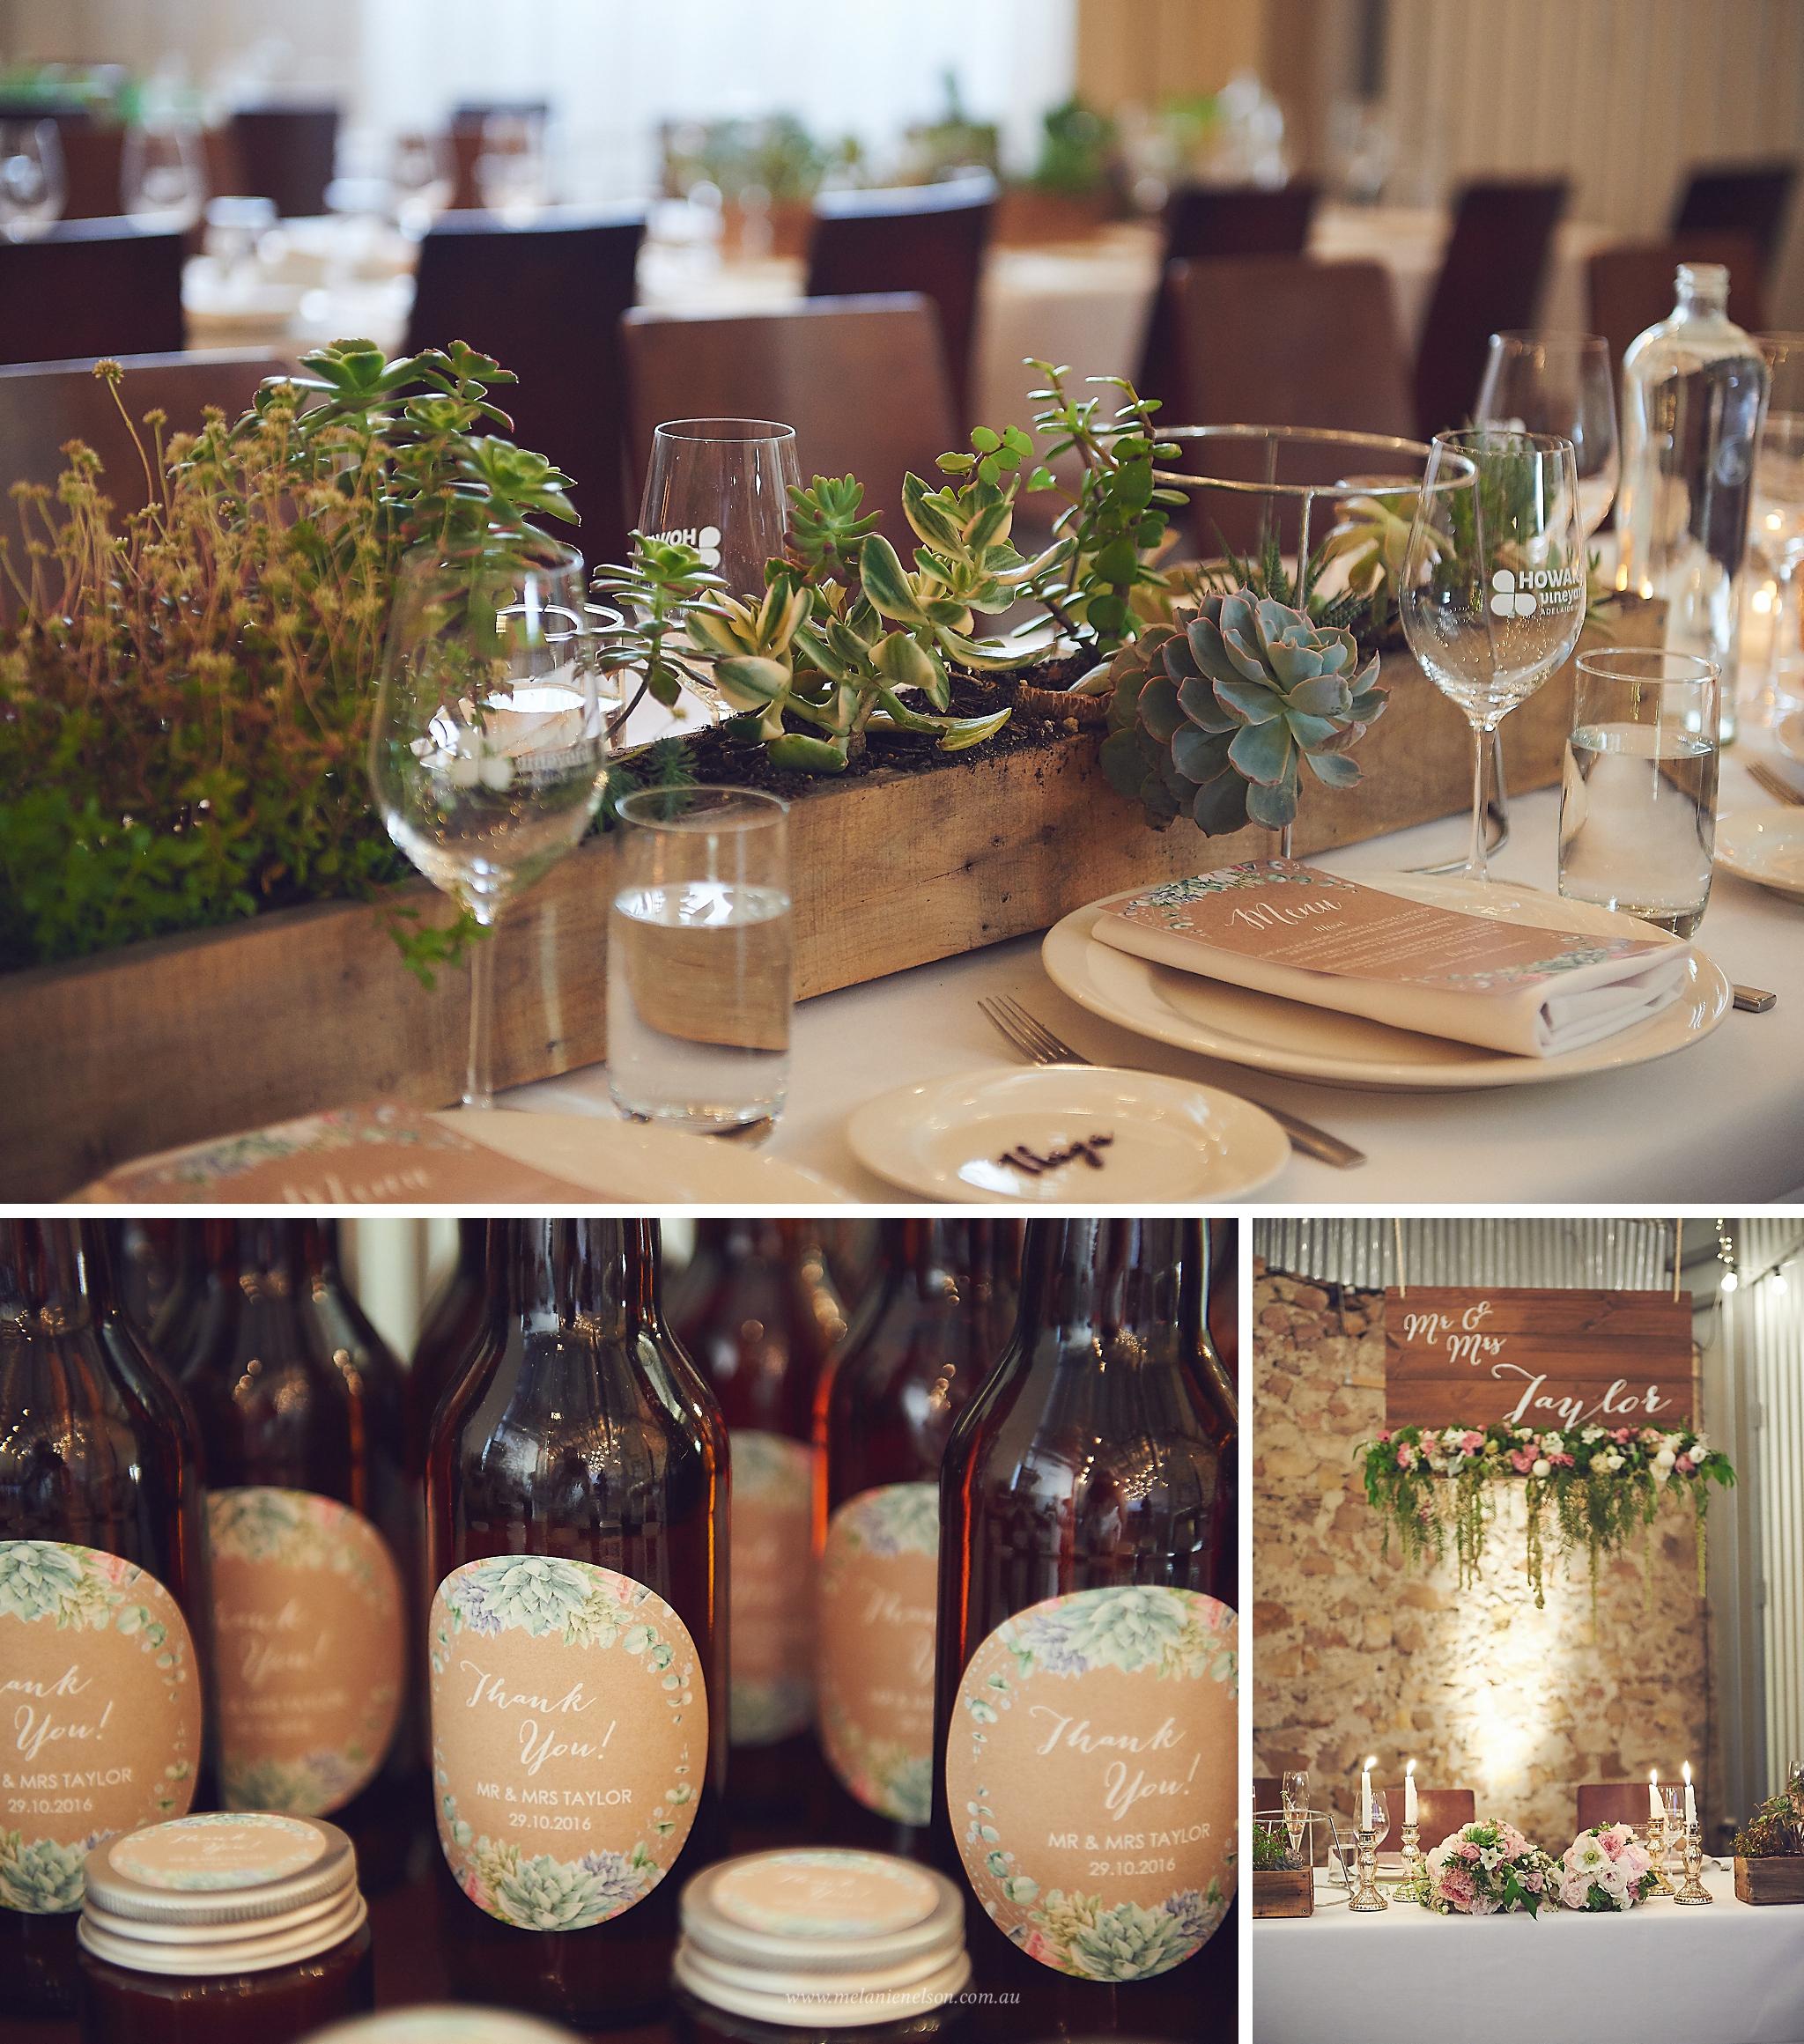 howards_vineyard_wedding_0033.jpg